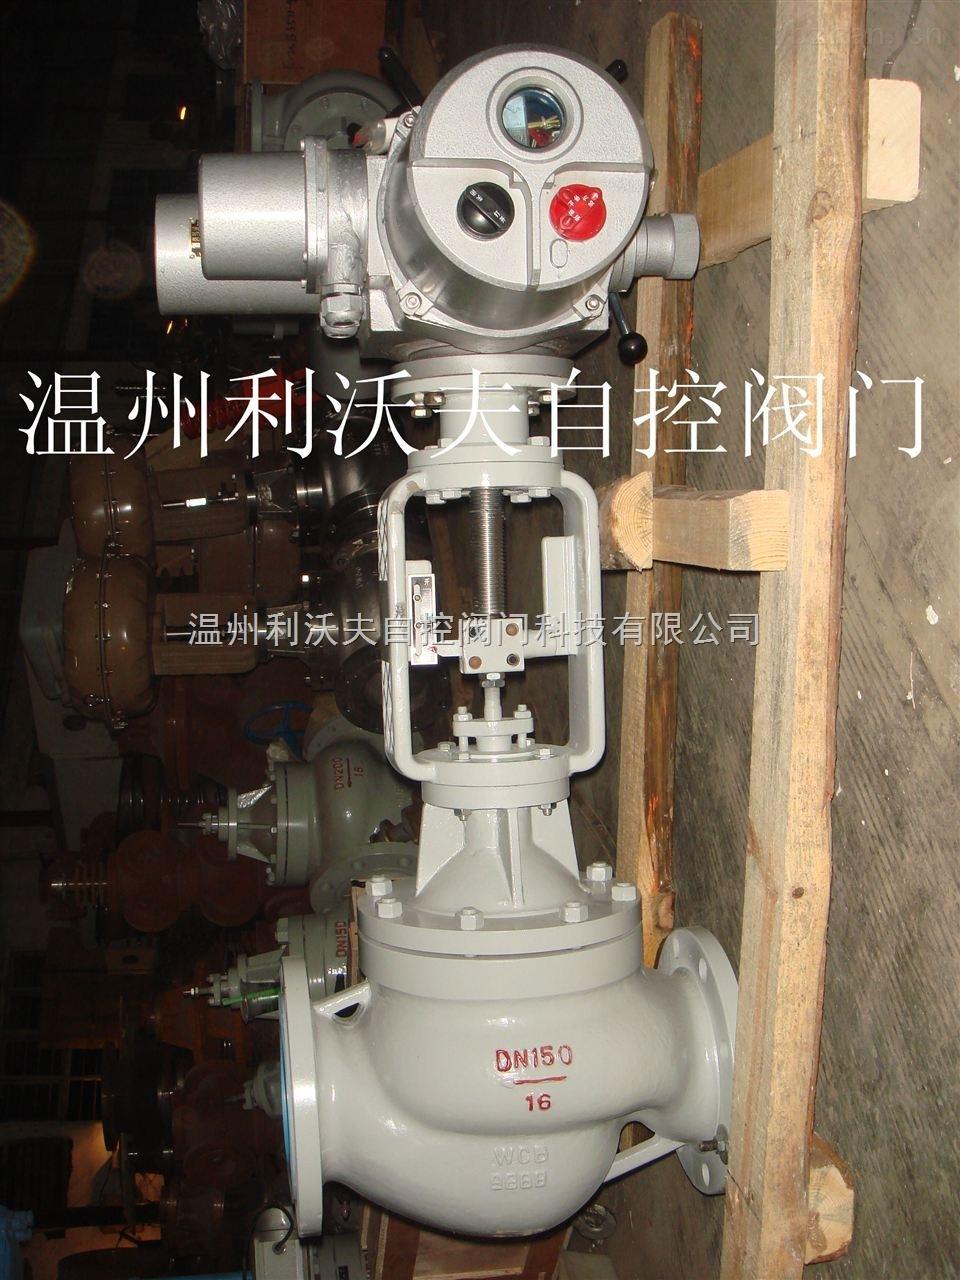 T947Y-溫州利沃夫廠家供應,T947Y系列電動套筒式蒸汽調節閥